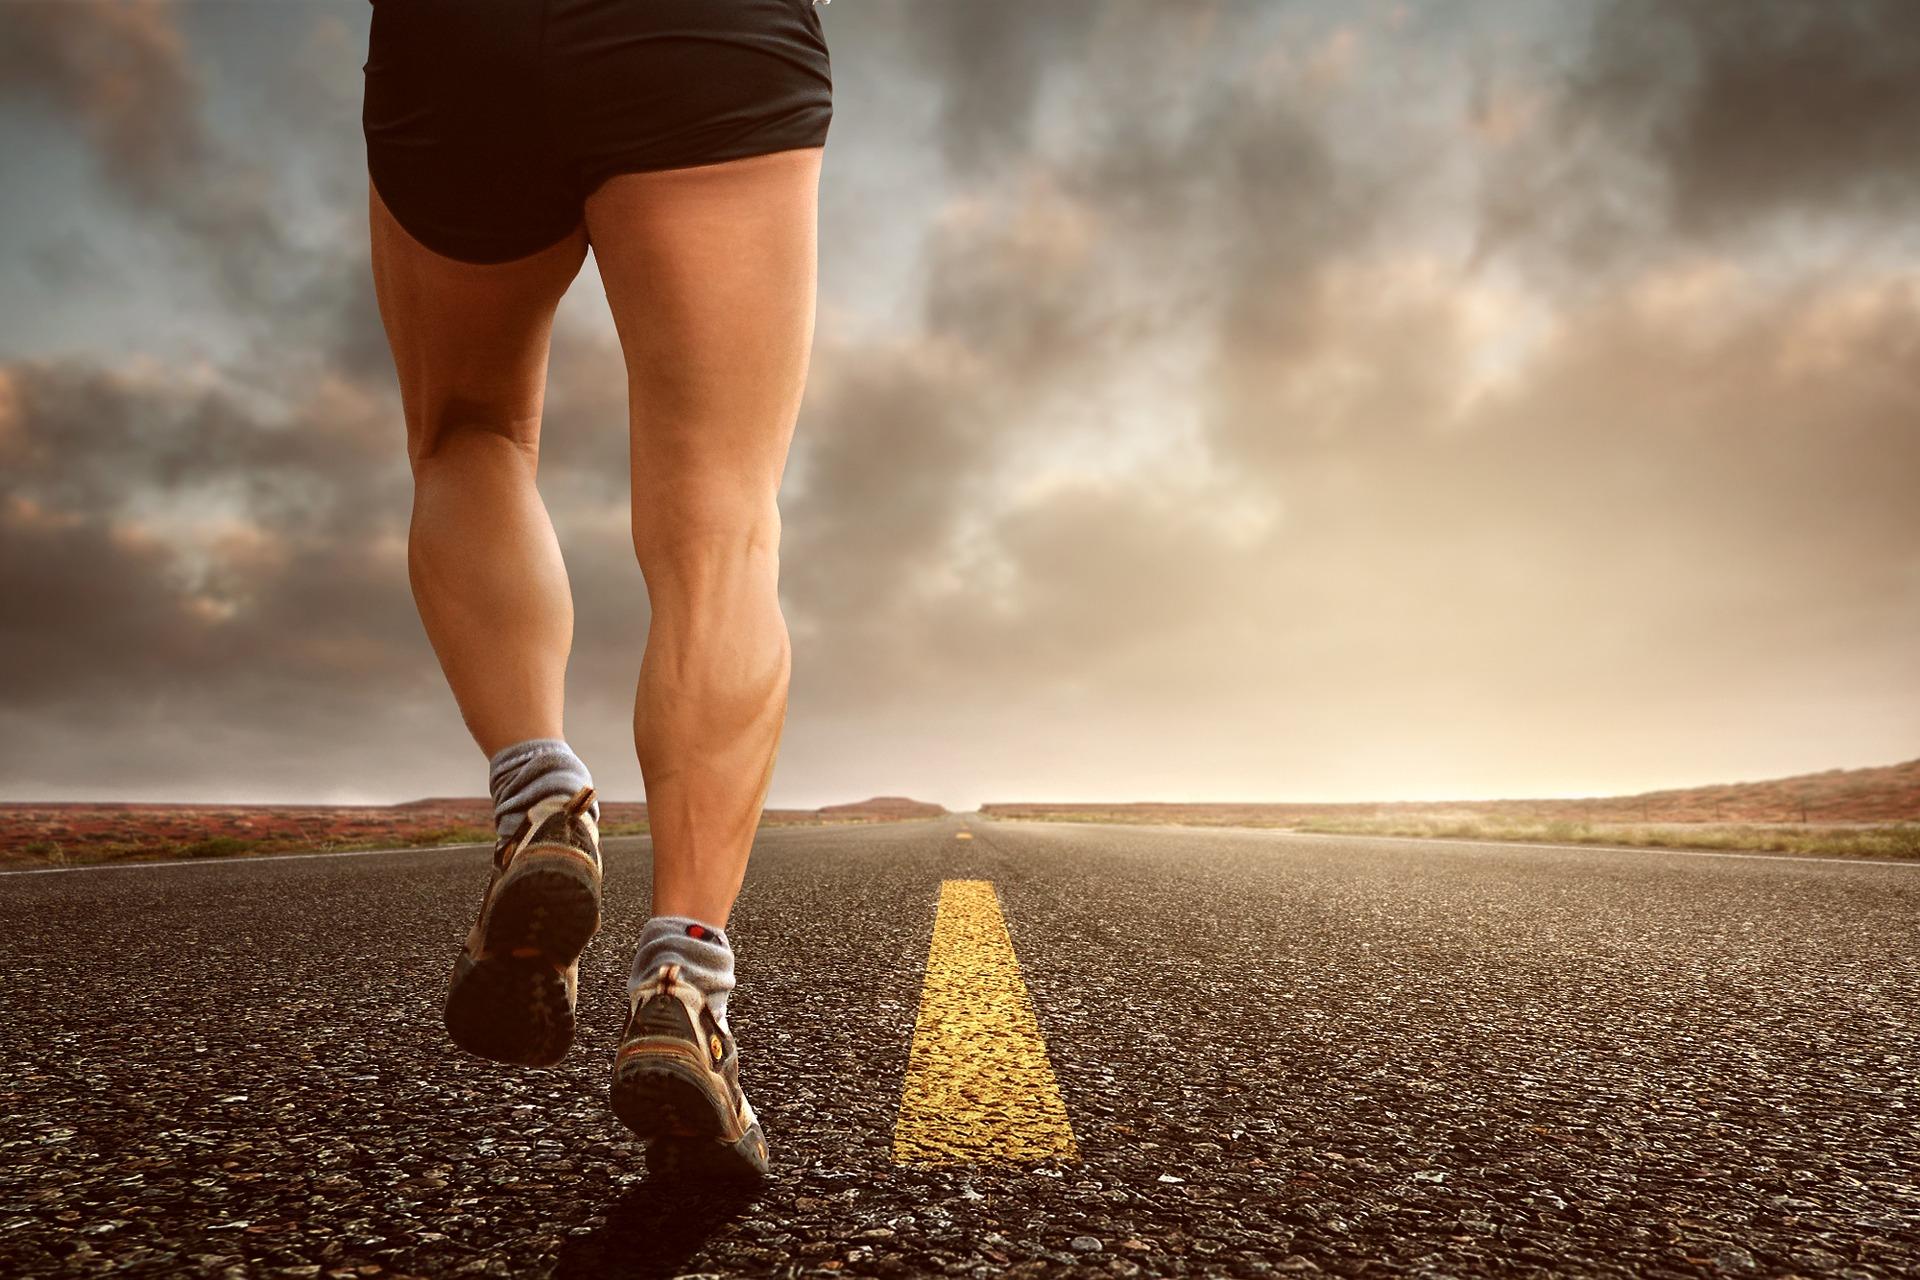 Warum sollten Sie regelmäßig schreiben? Das erfahren Sie hier. Im Bild: Ein Mann, der auf einer Straße joggt.